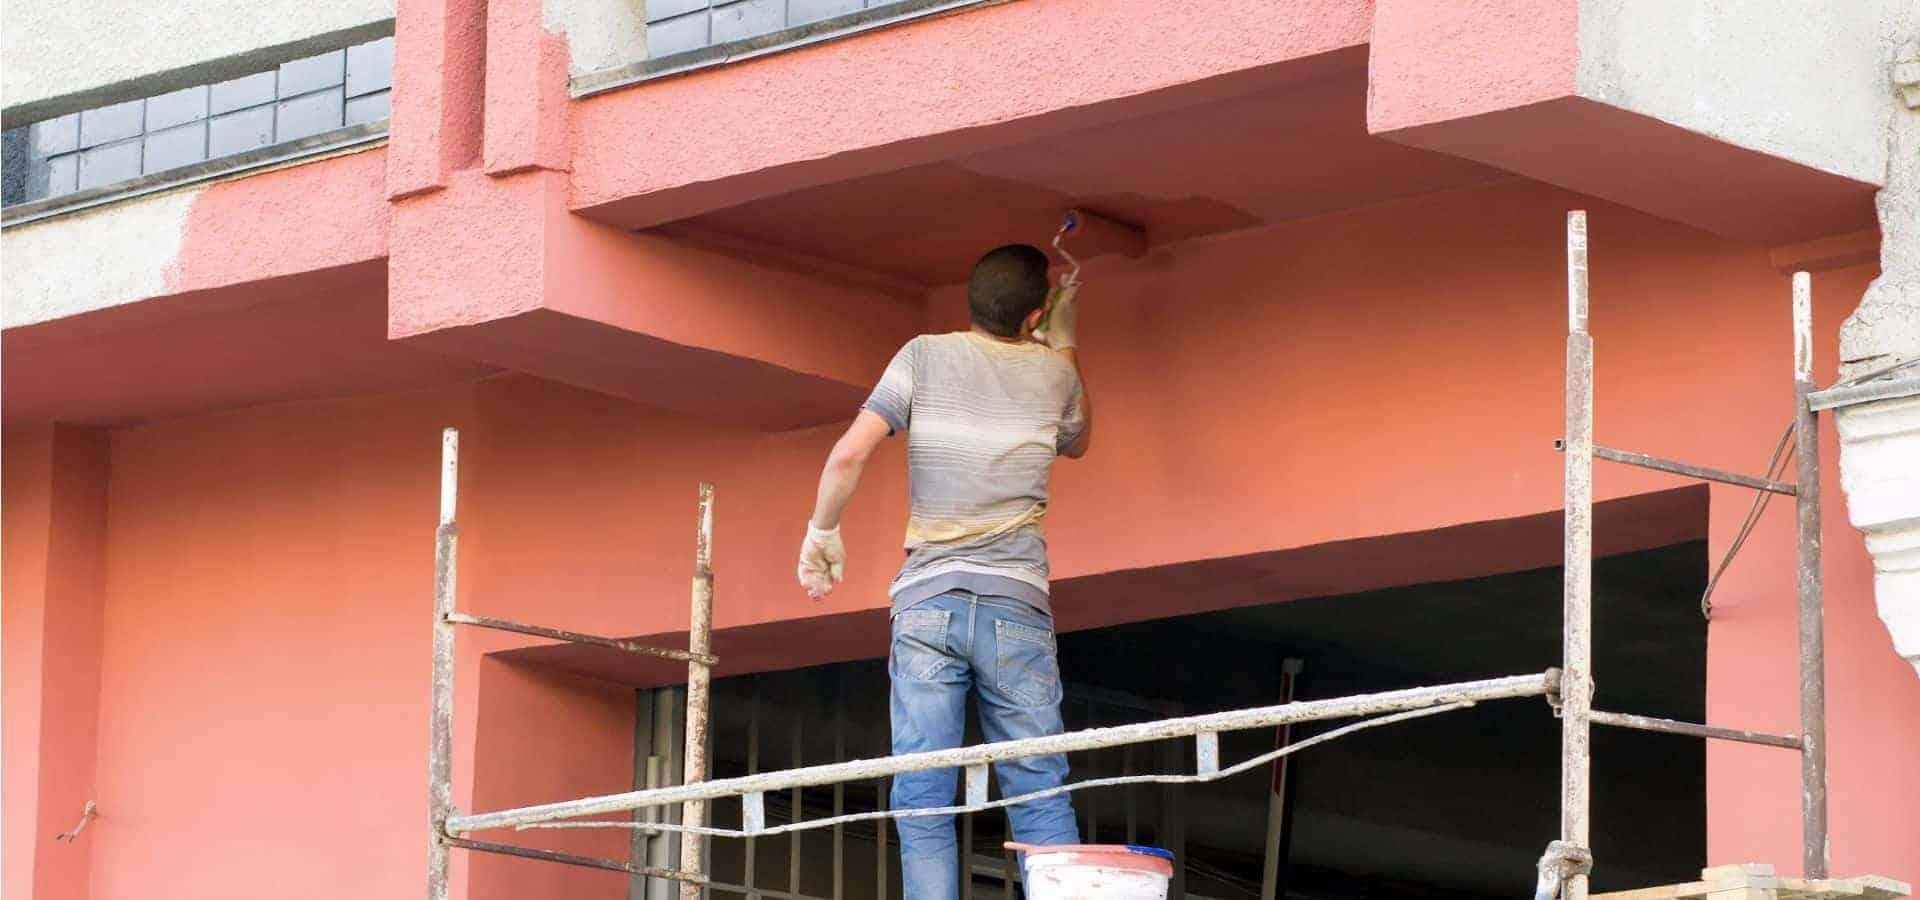 Βάψιμο Κτηρίου, Βαψίματα Κτιρίων, Βάψιμο Οικοδομής & Πολυκατοικίας - Chromotech